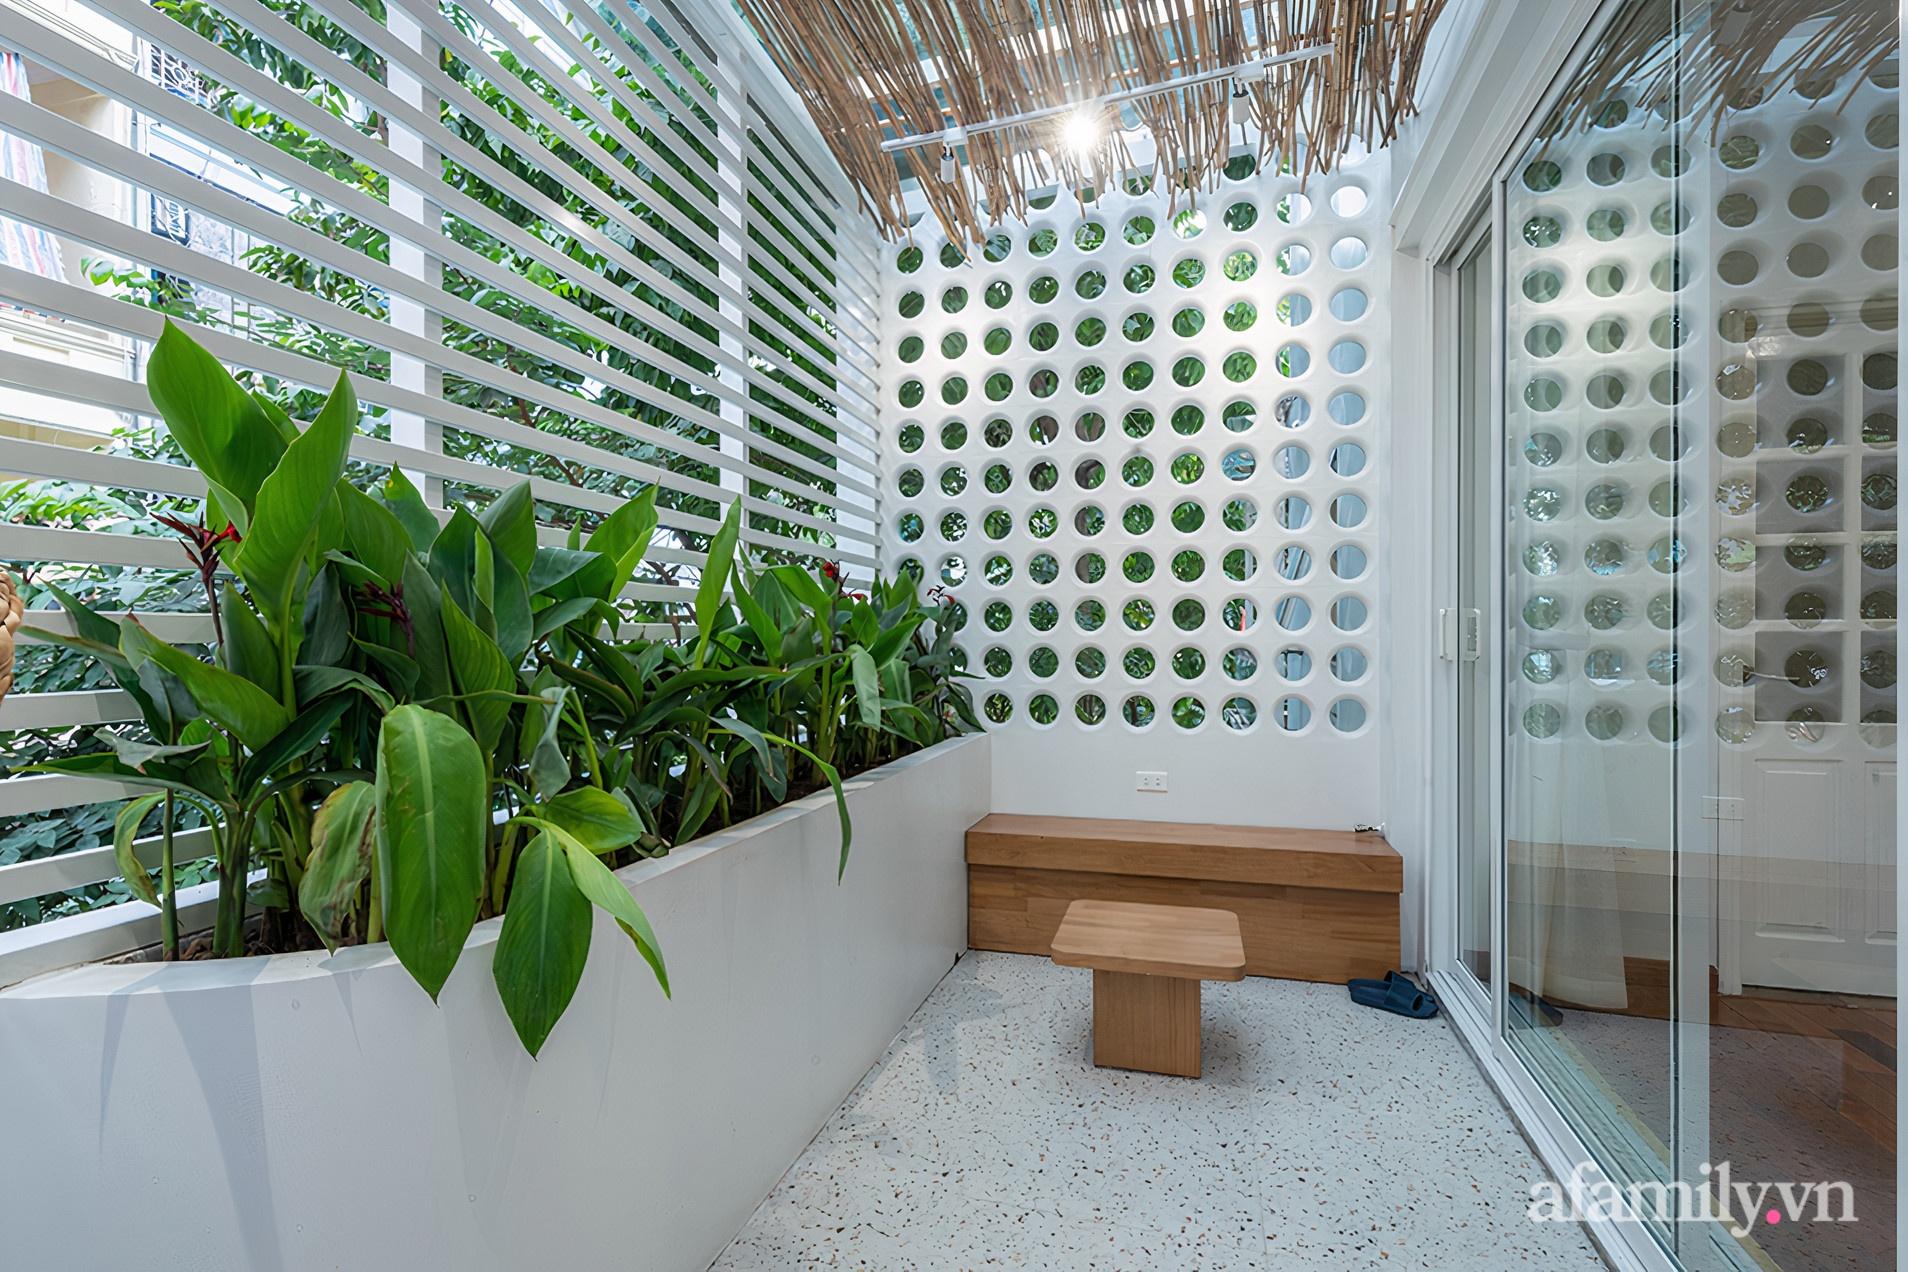 Cải tạo căn nhà 200m² xuống cấp, bí bách thành không gian sang trọng, tiện nghi ở Hà Nội - Ảnh 18.